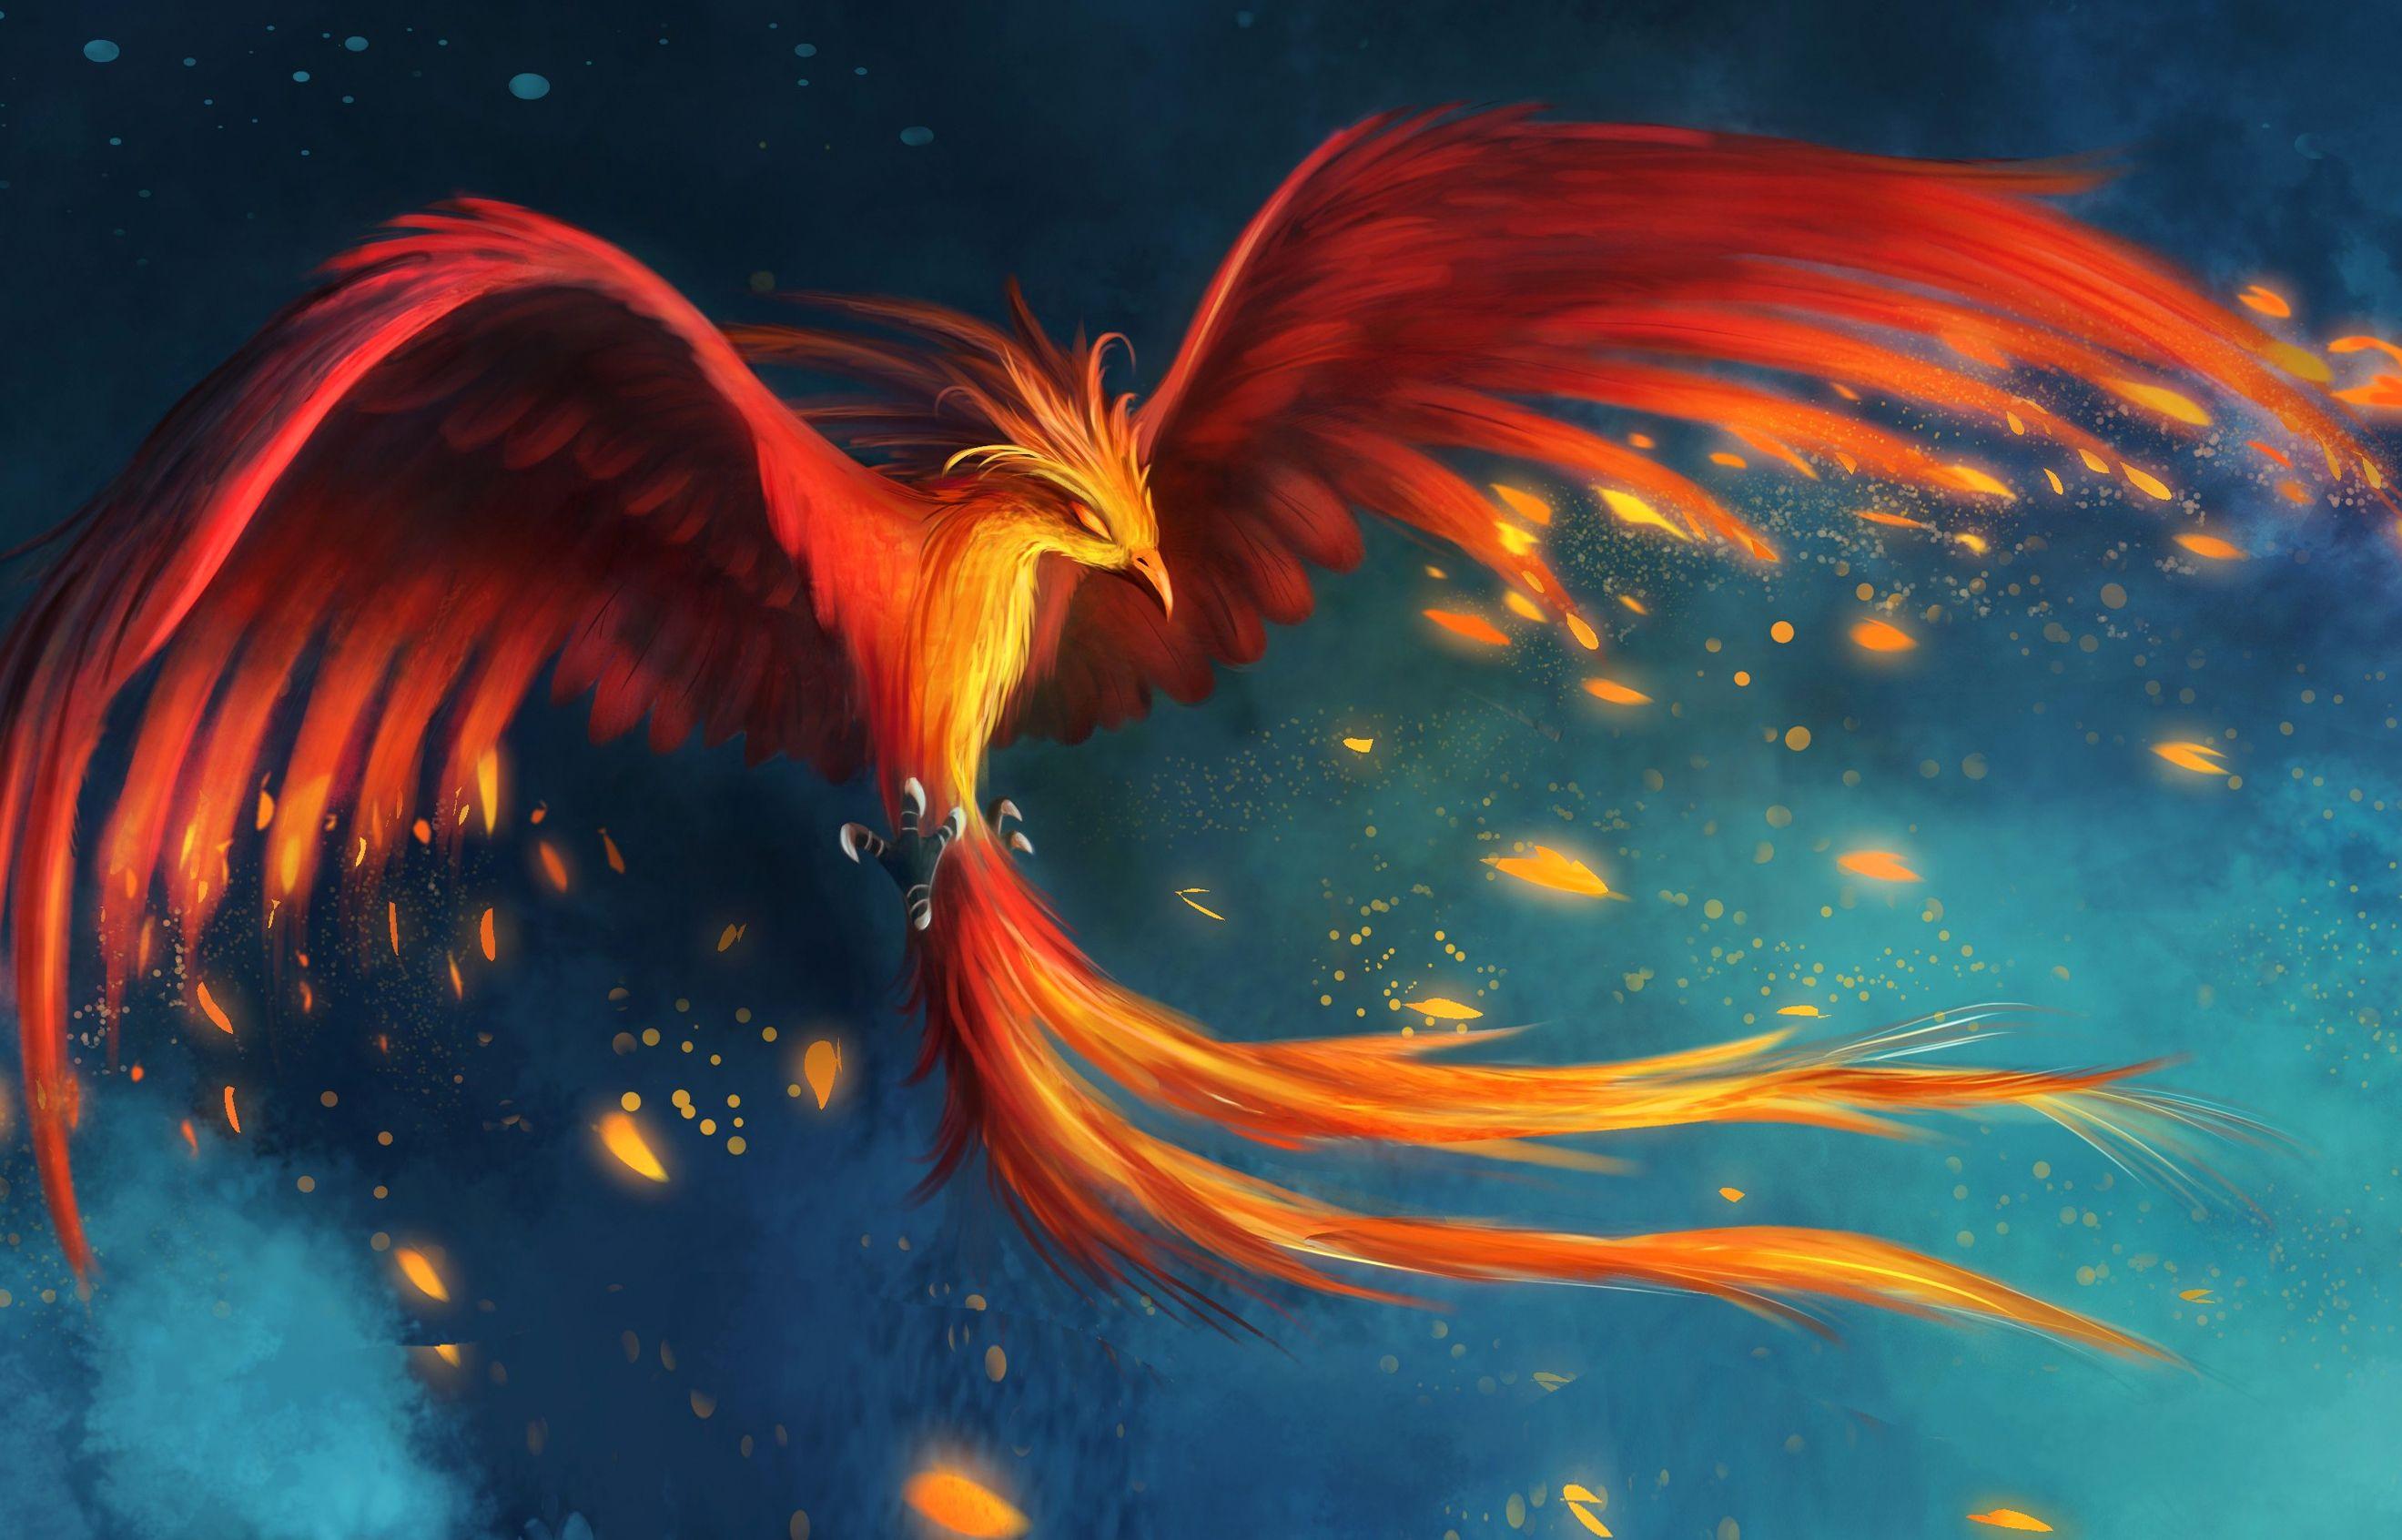 Real Phoenix Bird Hd Wallpaper Download